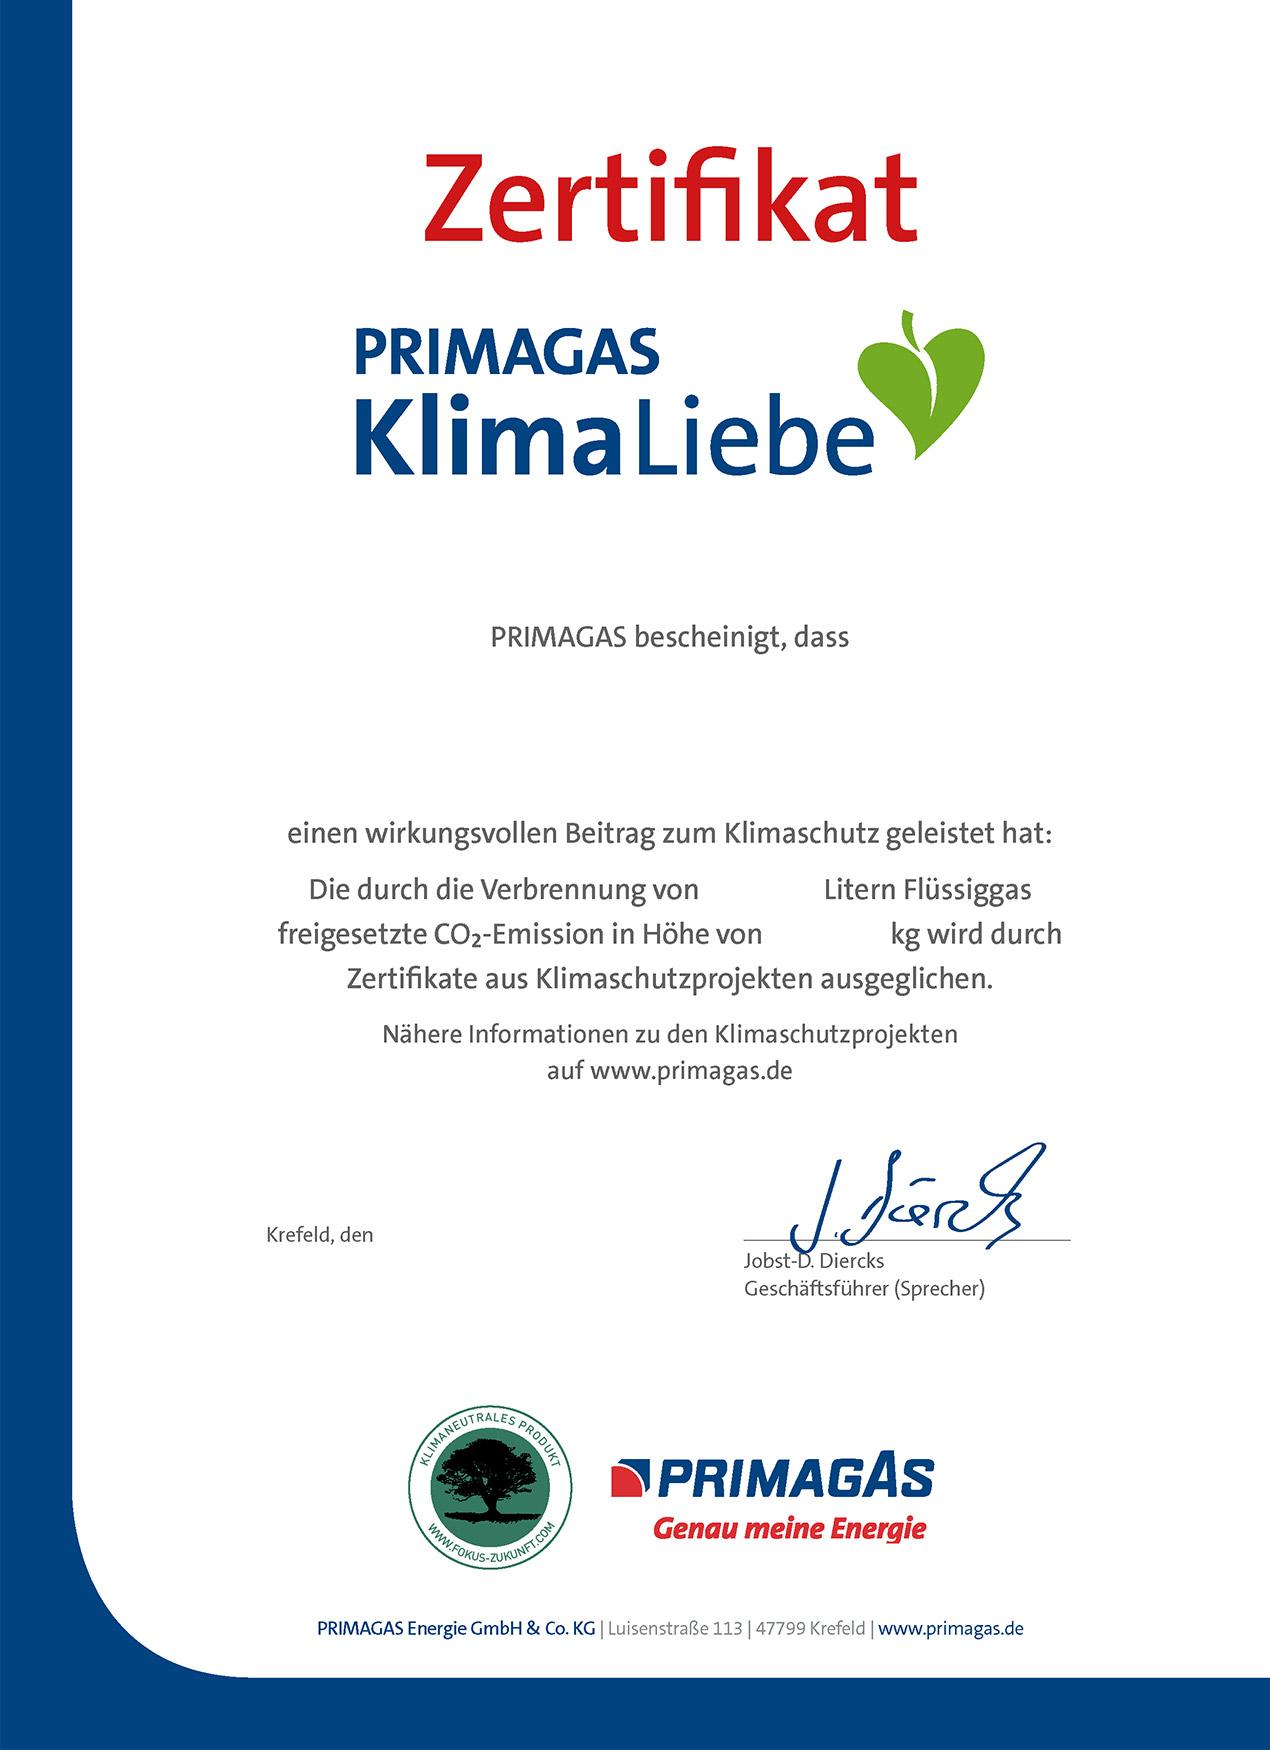 PRIMAGAS KlimaLiebe - Zertifikat Flüssiggas